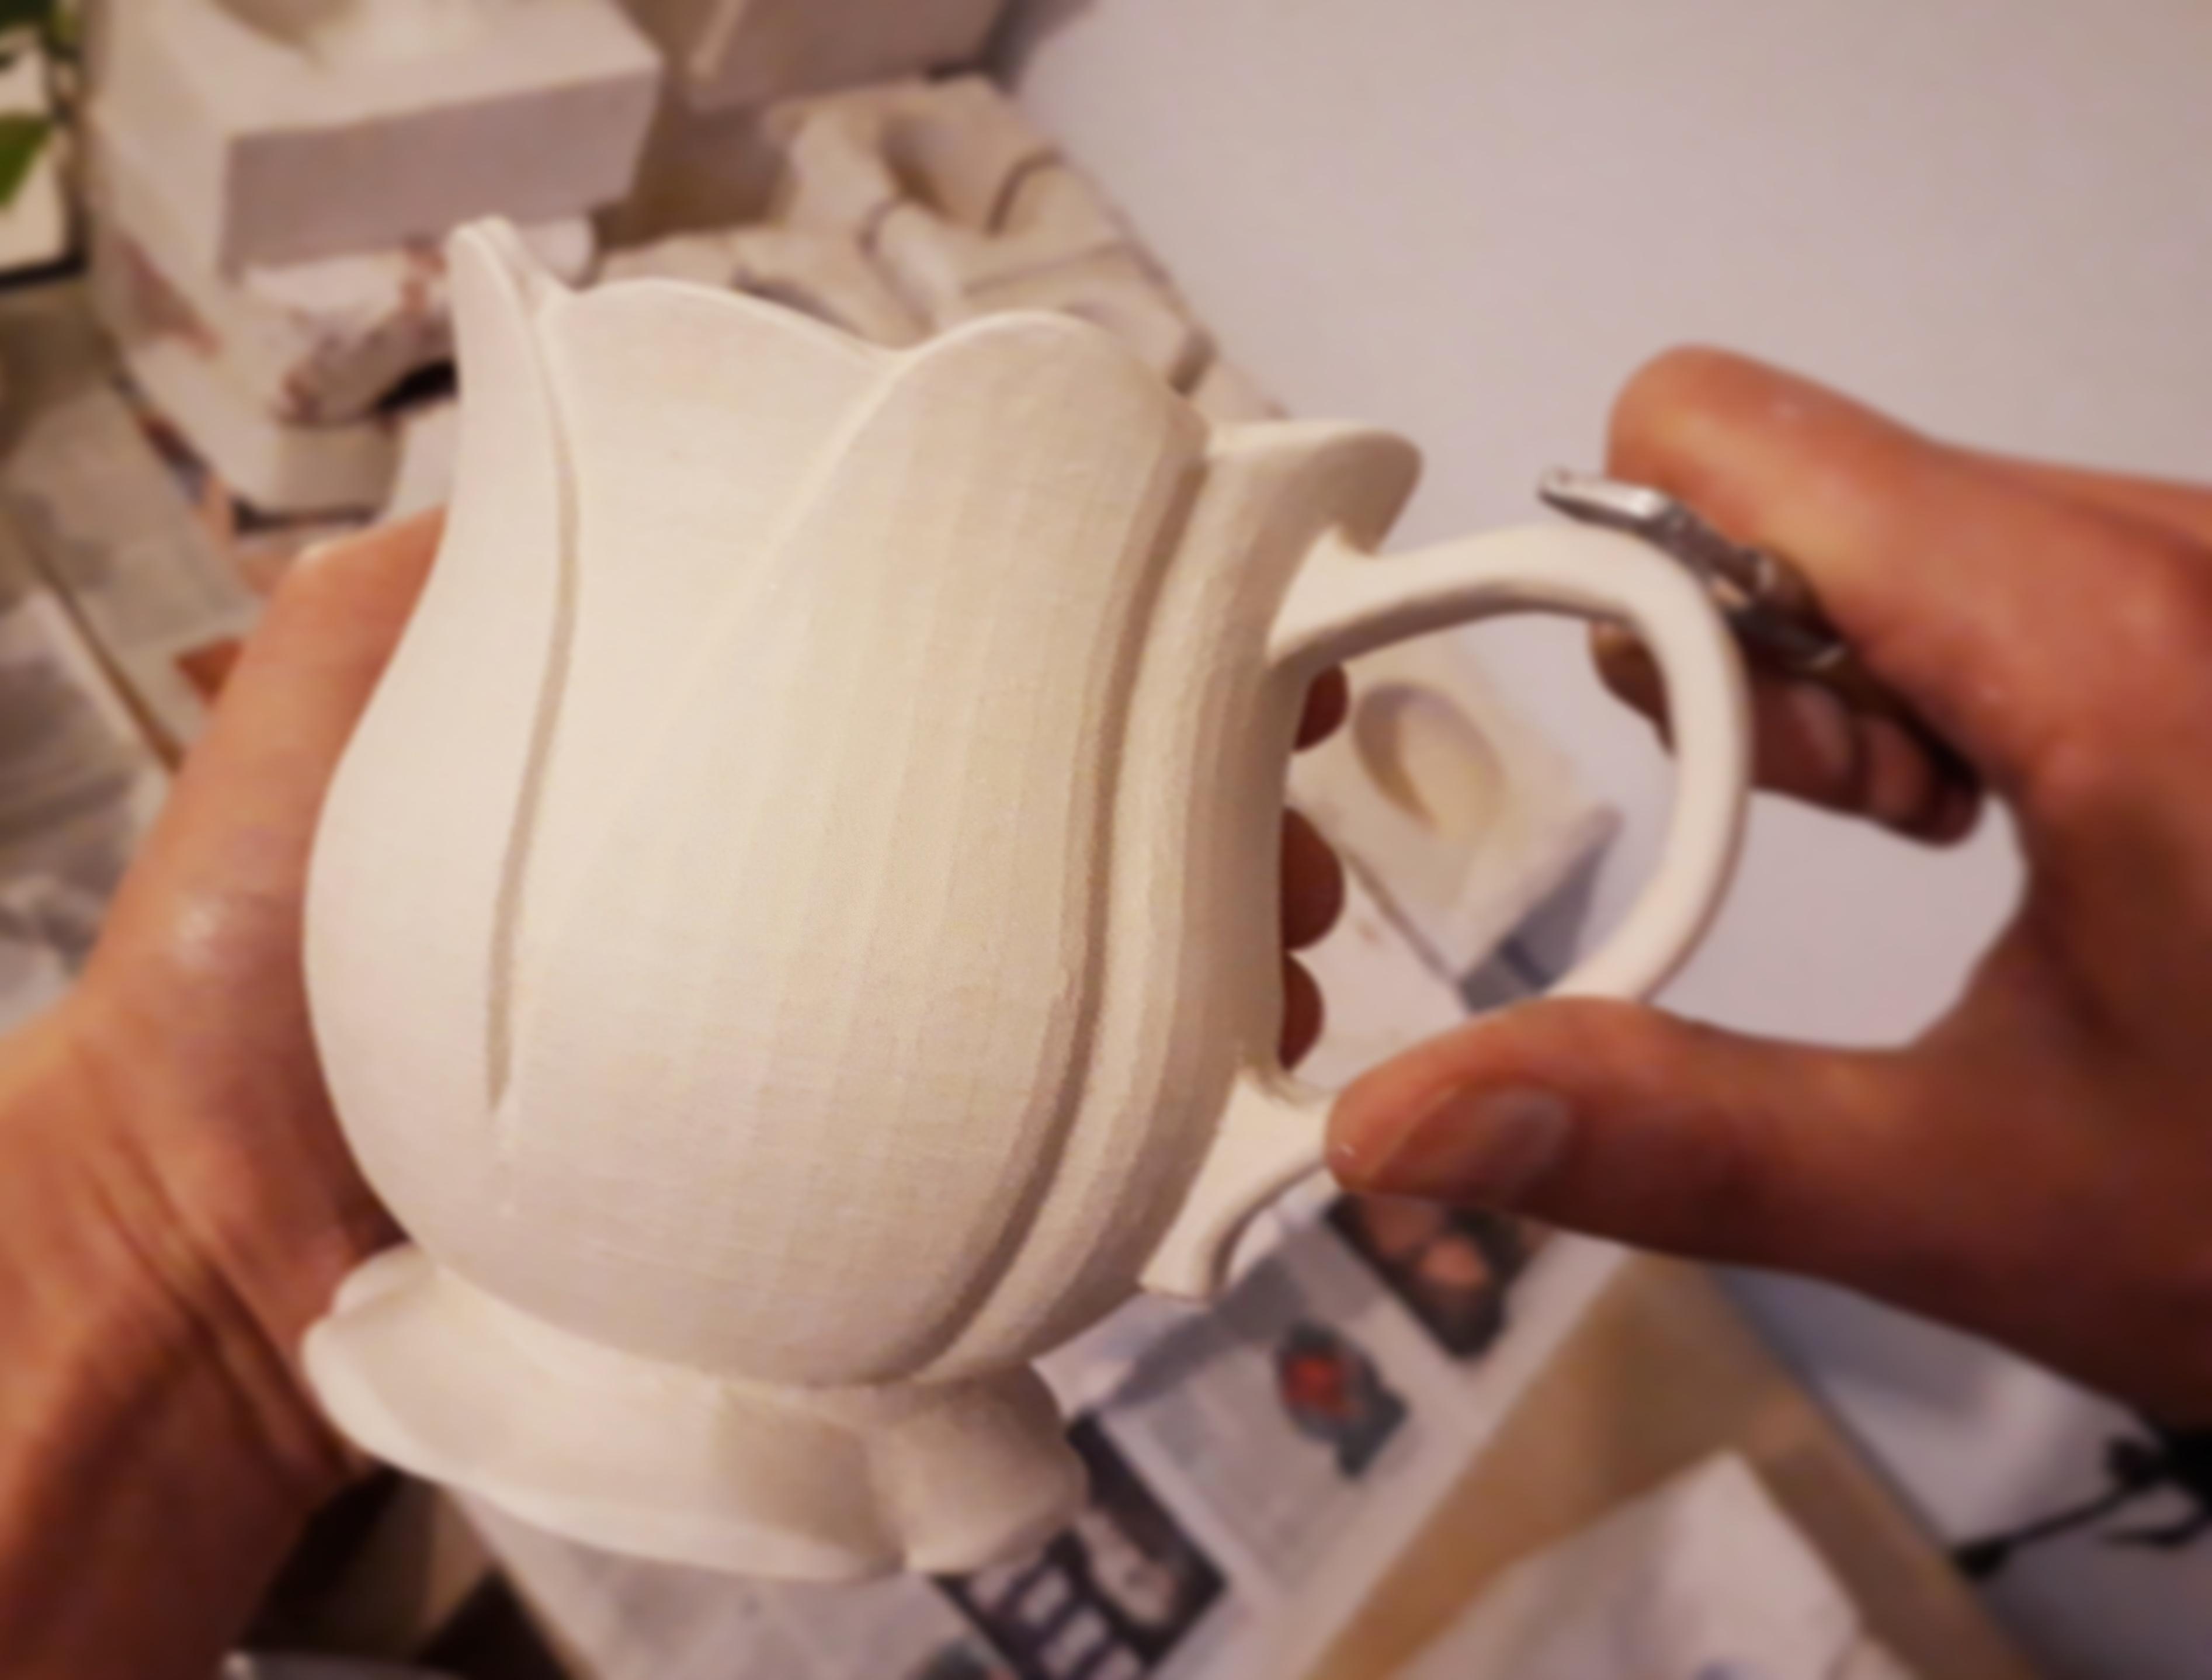 Nachbearbeitung einer 3D-Tasse per Hand